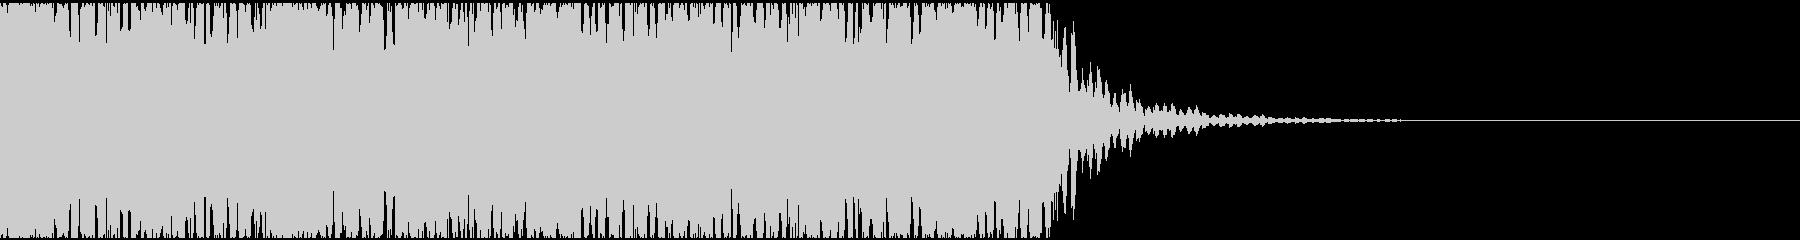 【エレクトロニカ】電子テクノ、ジングル1の未再生の波形